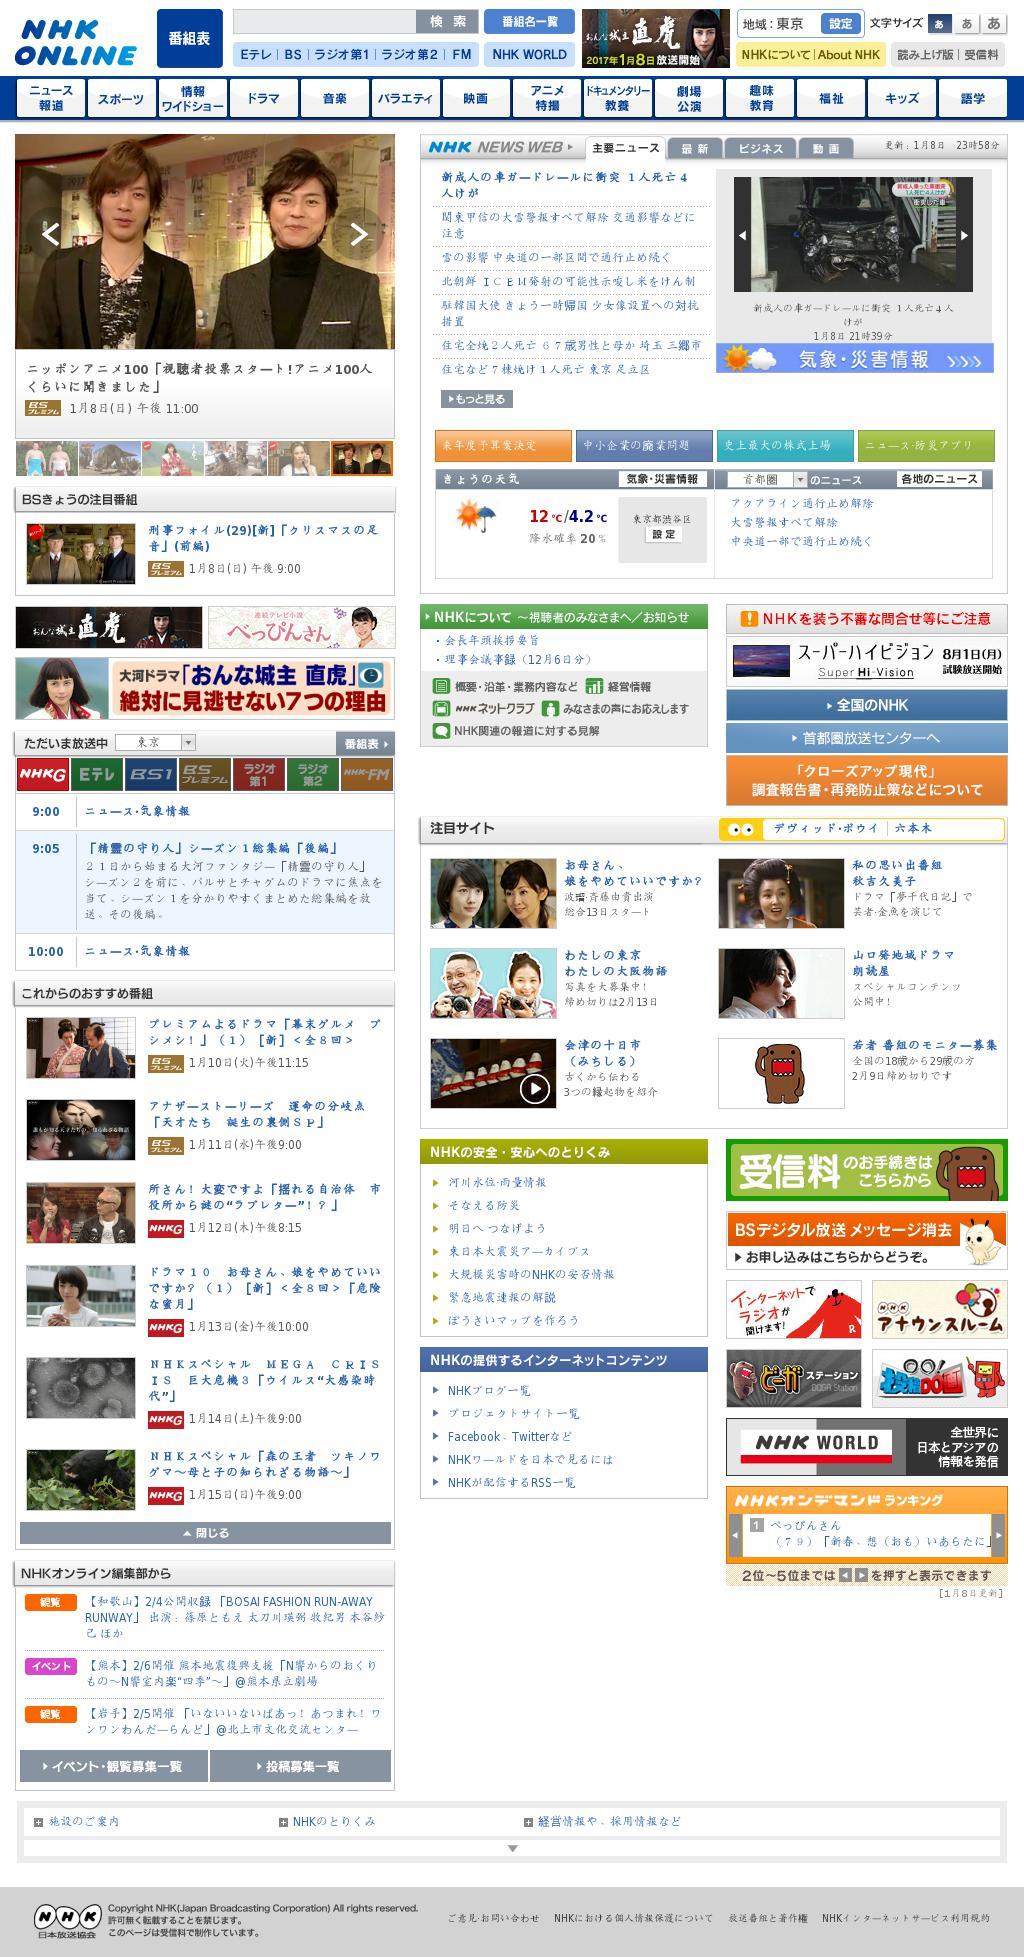 NHK Online at Monday Jan. 9, 2017, 12:12 a.m. UTC